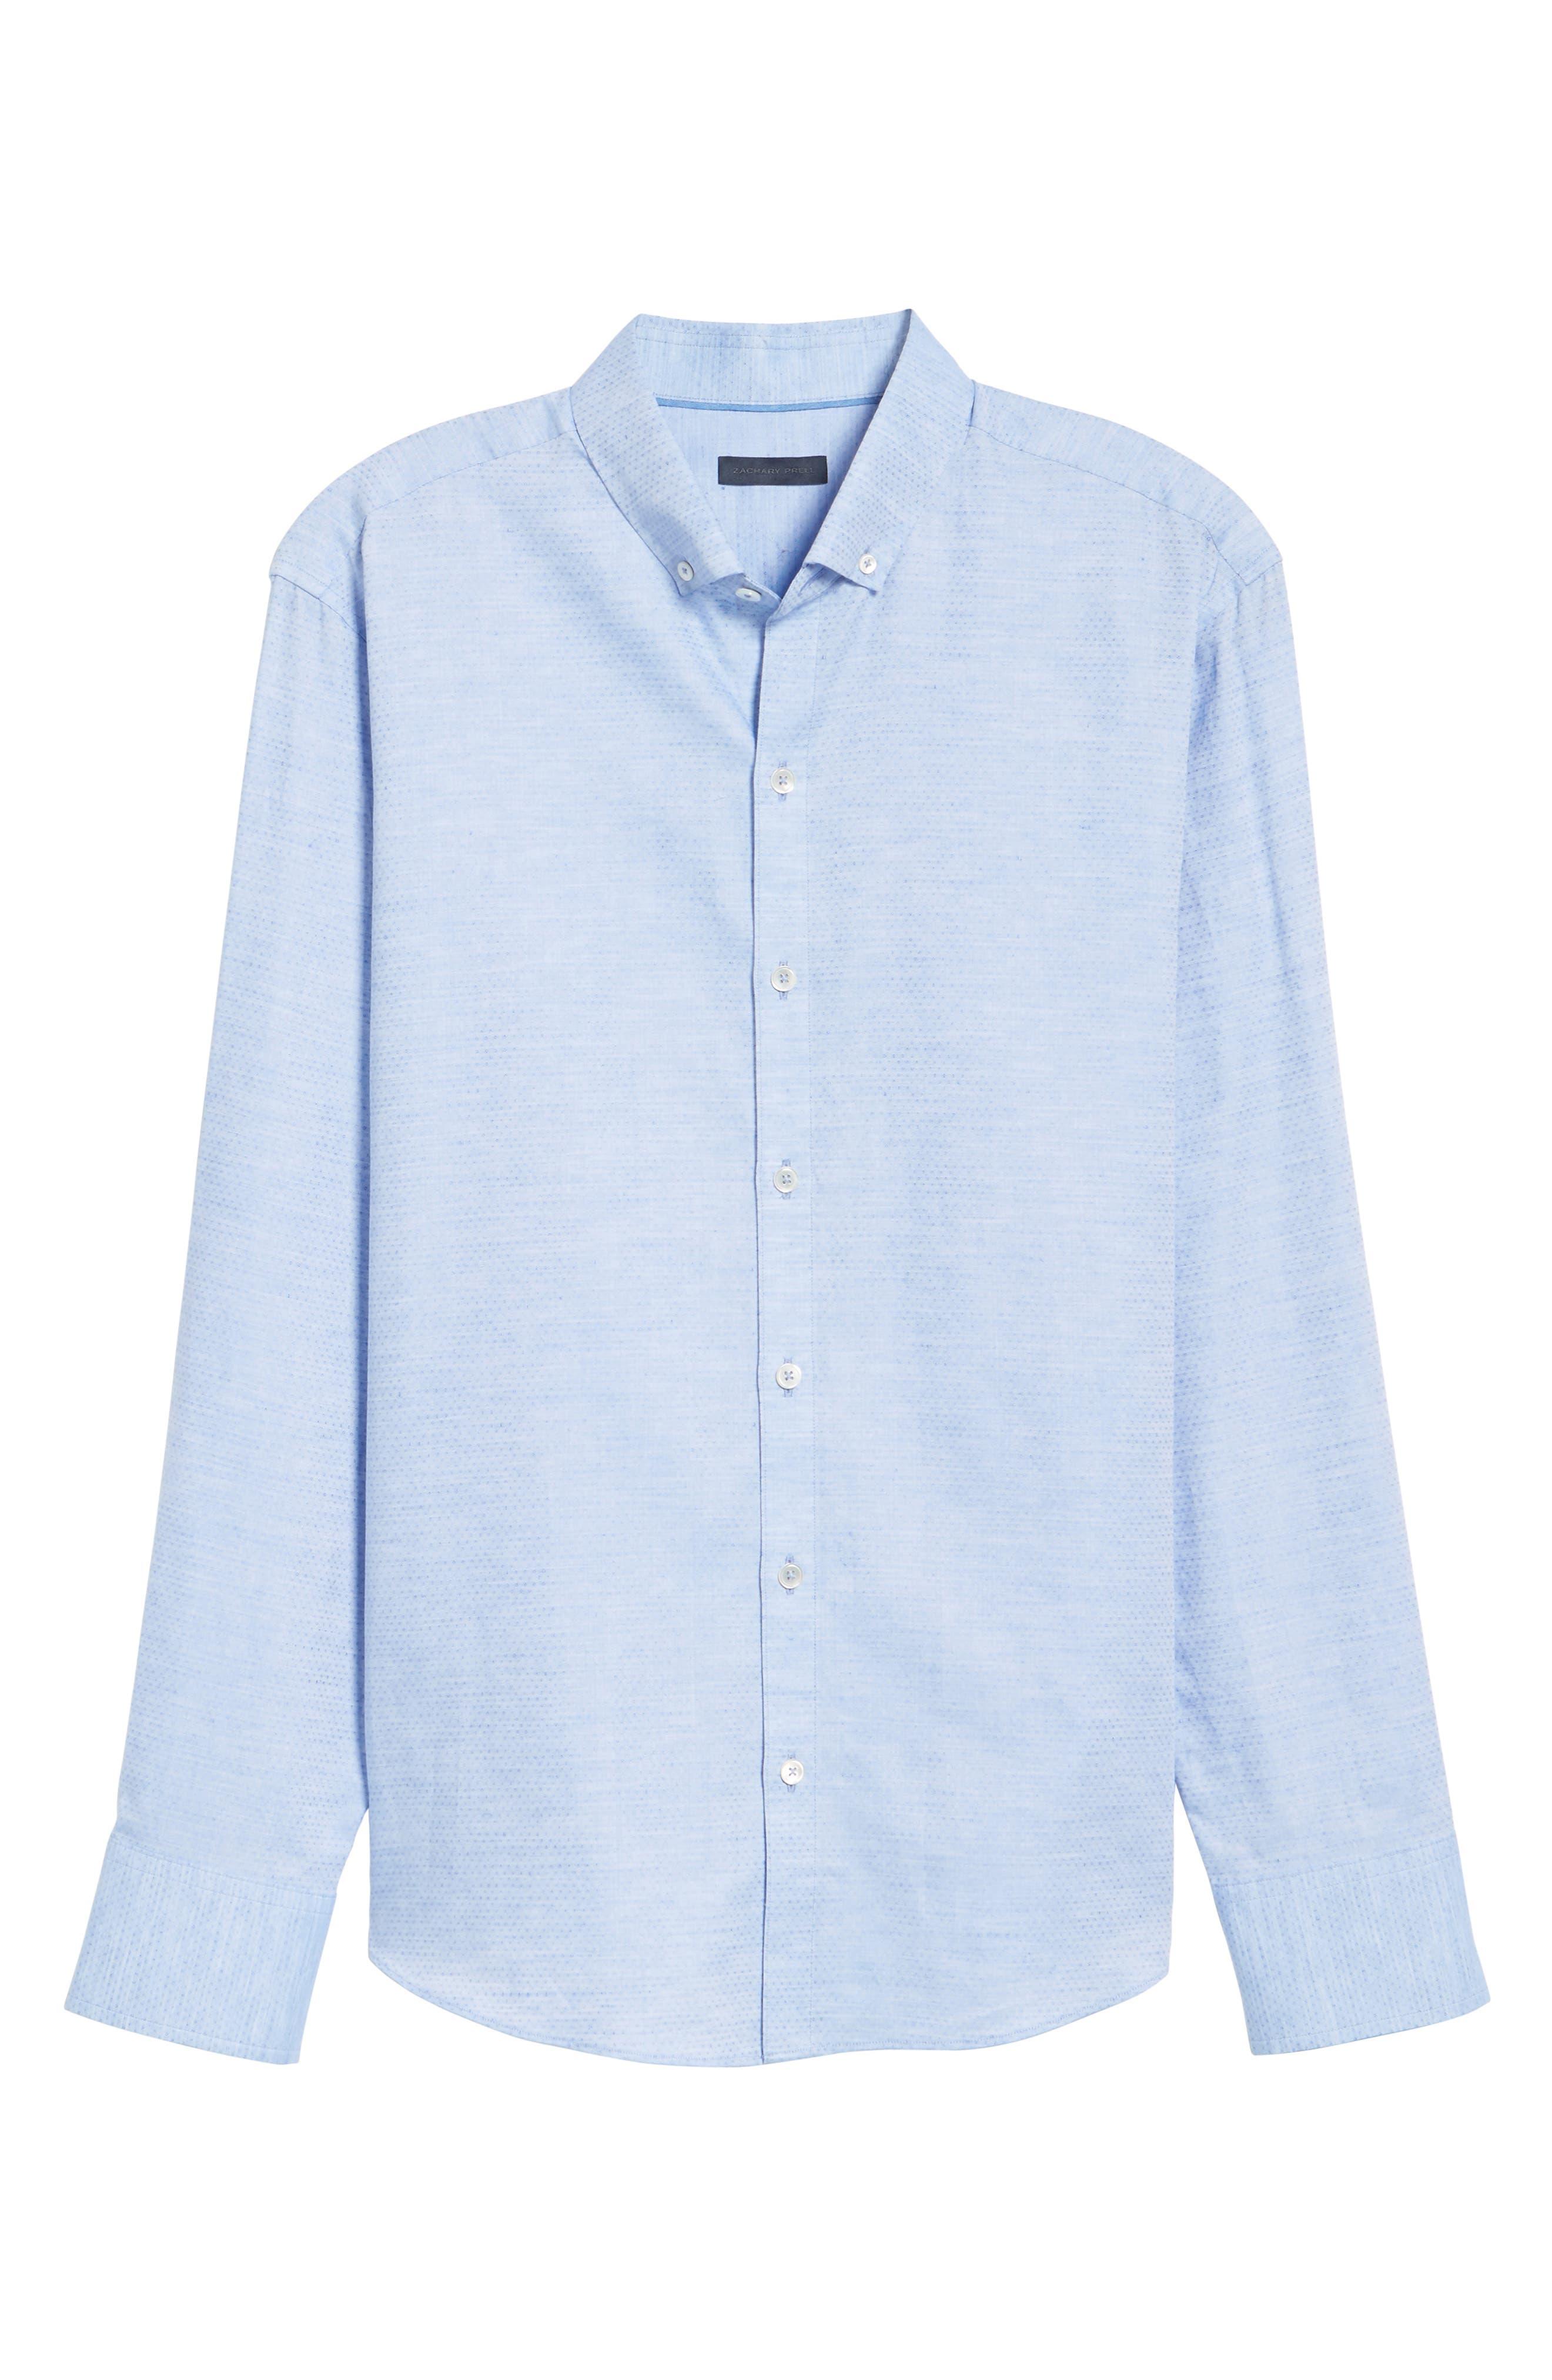 Gomis Regular Fit Dobby Sport Shirt,                             Alternate thumbnail 6, color,                             Light Blue